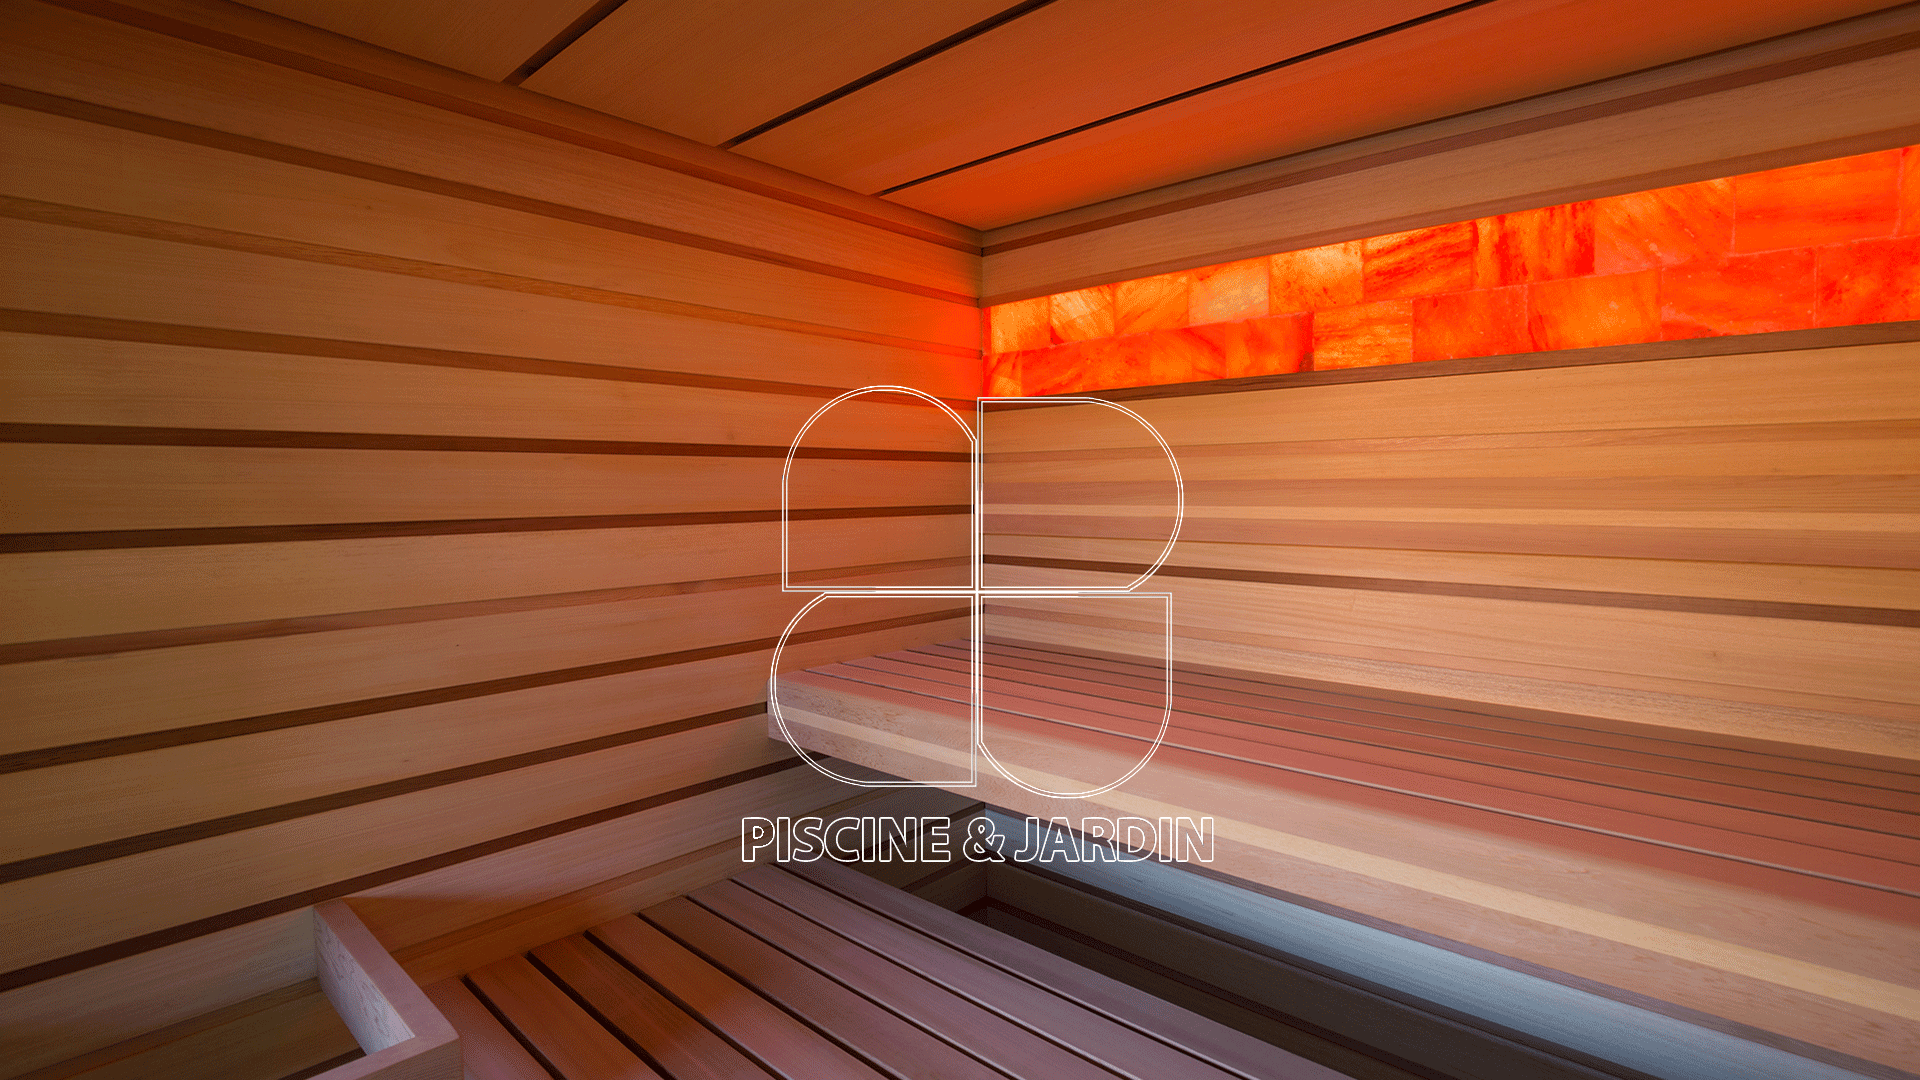 Comment Faire Fonctionner Un Sauna découvrez les vertus d'un sauna dans votre maison → piscine